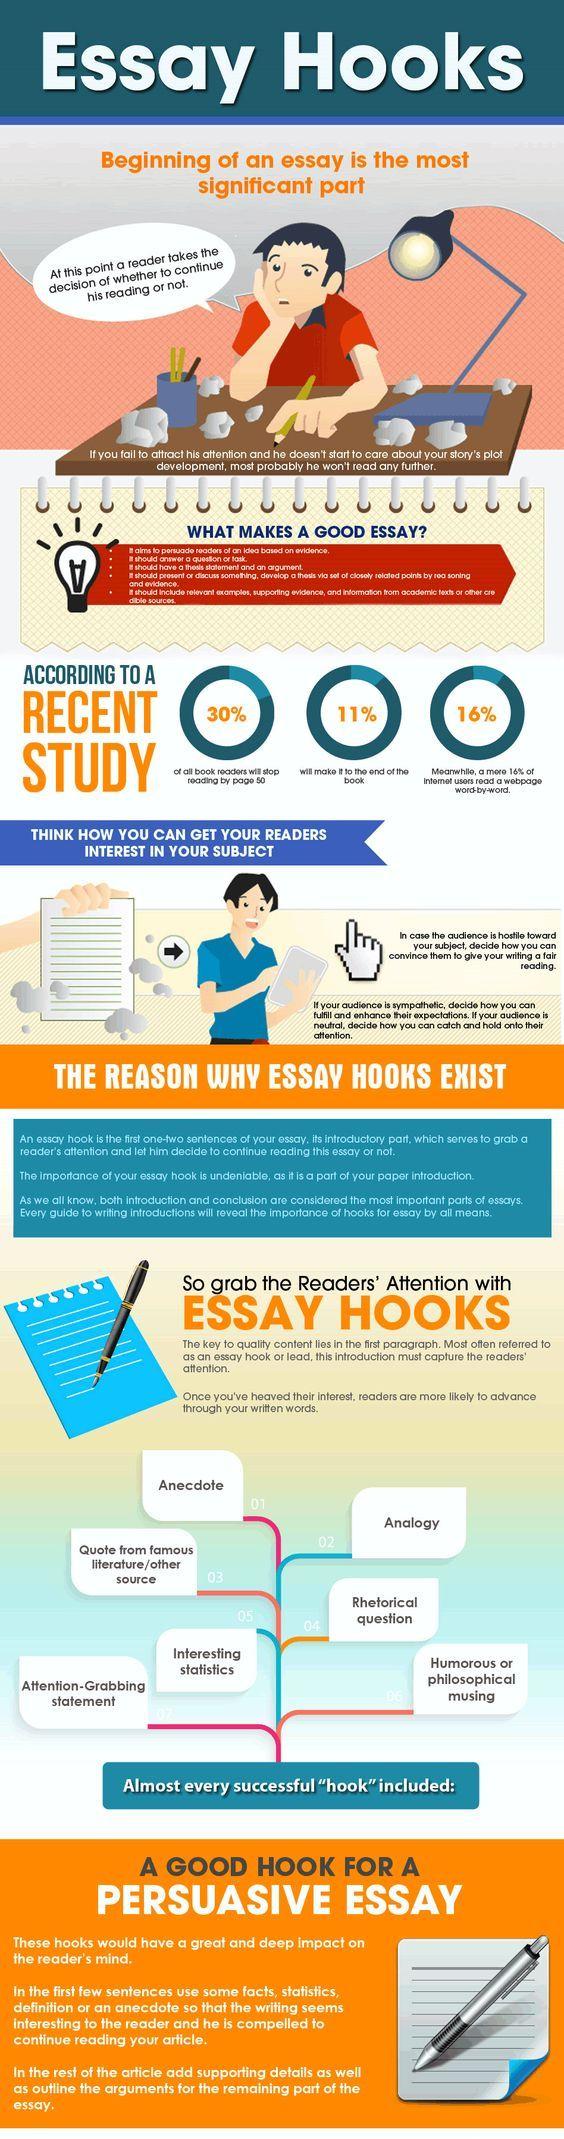 essay hook